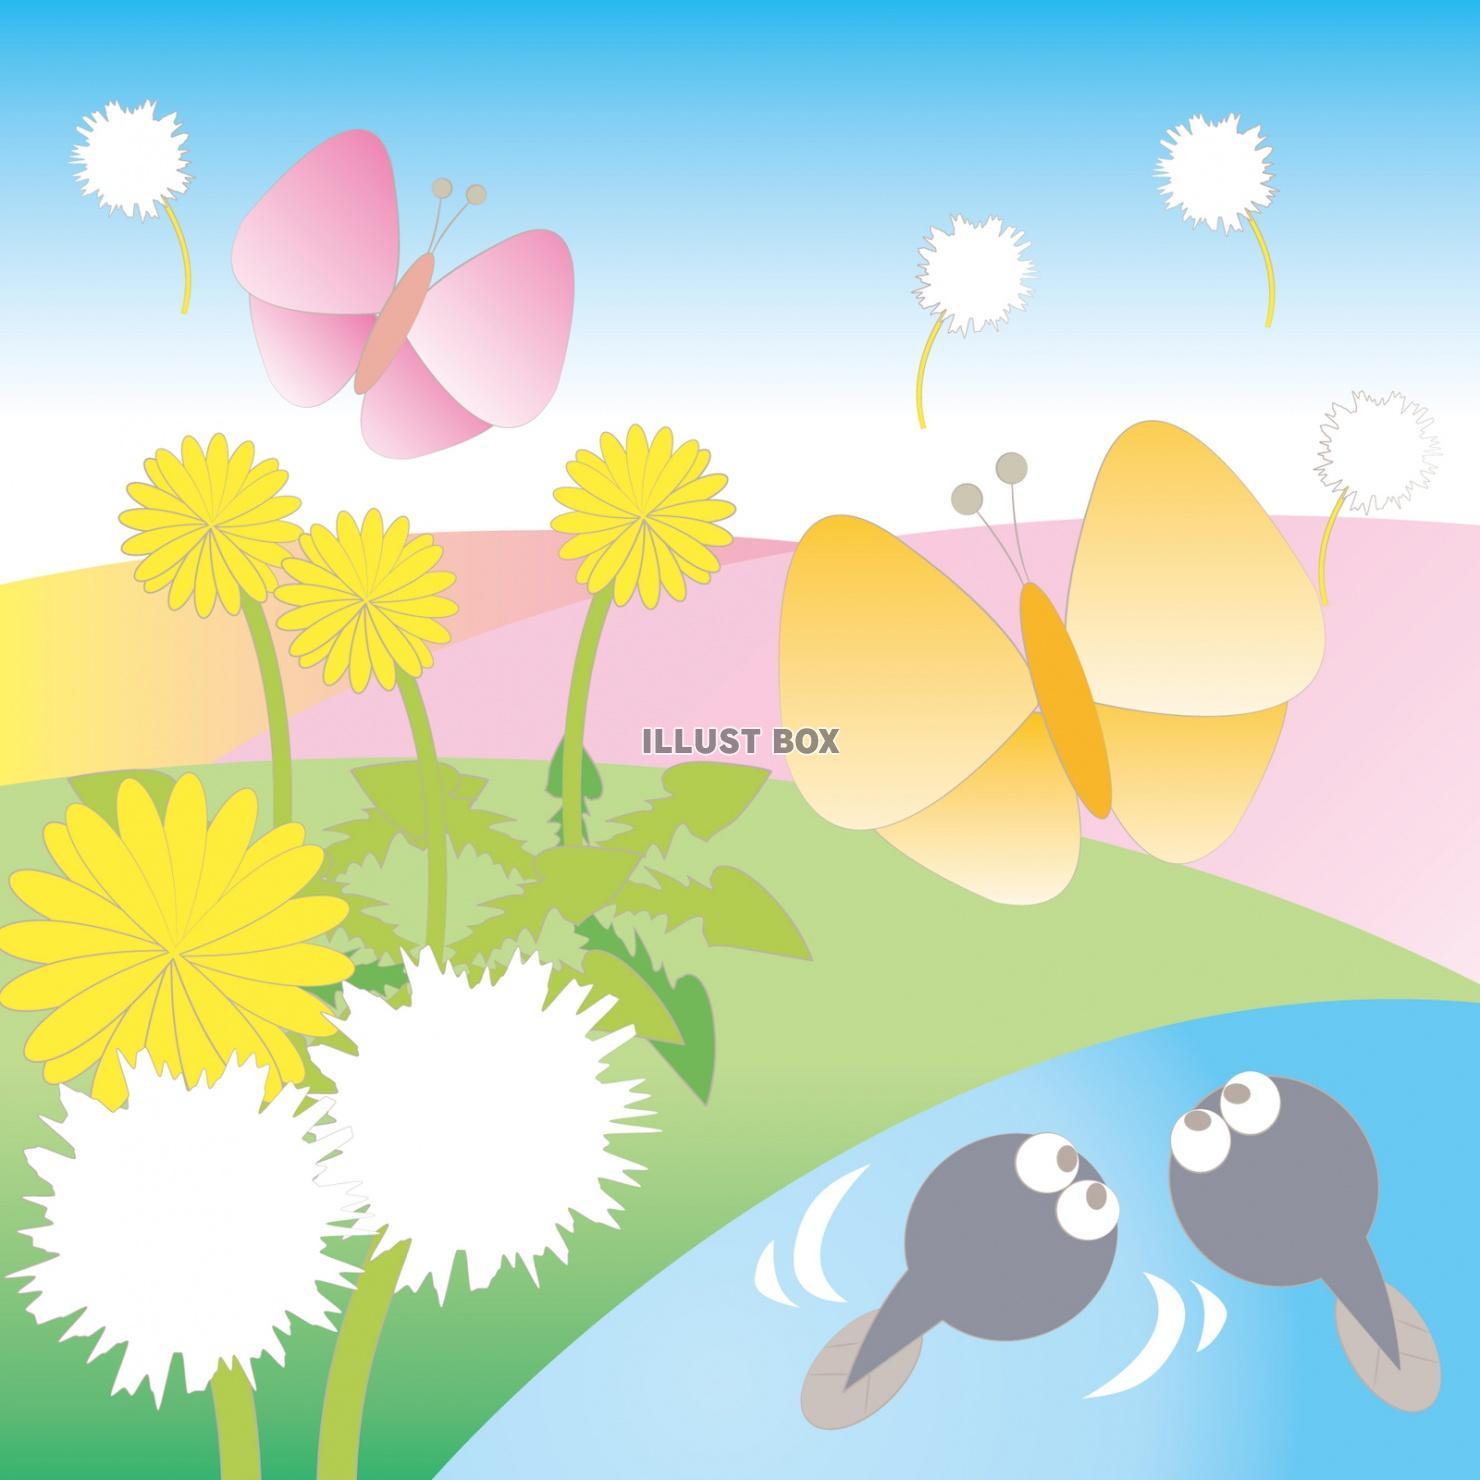 無料イラスト 春の風景